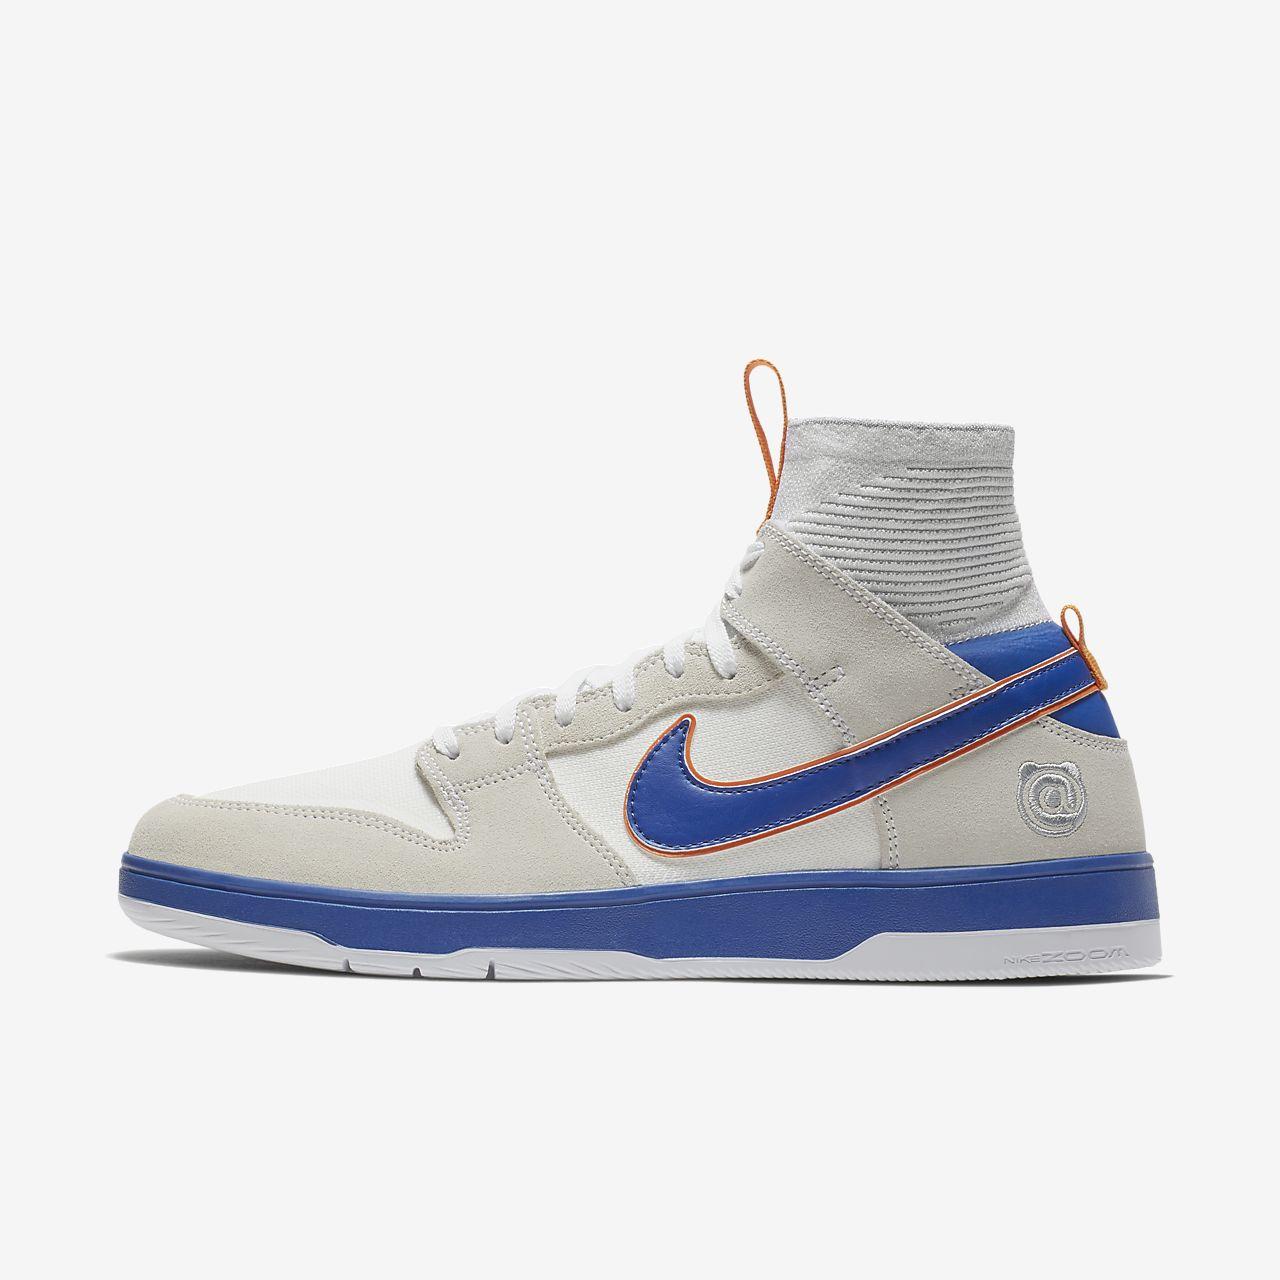 ... Nike SB x Medicom Dunk High Elite QS férfi gördeszkás cipő